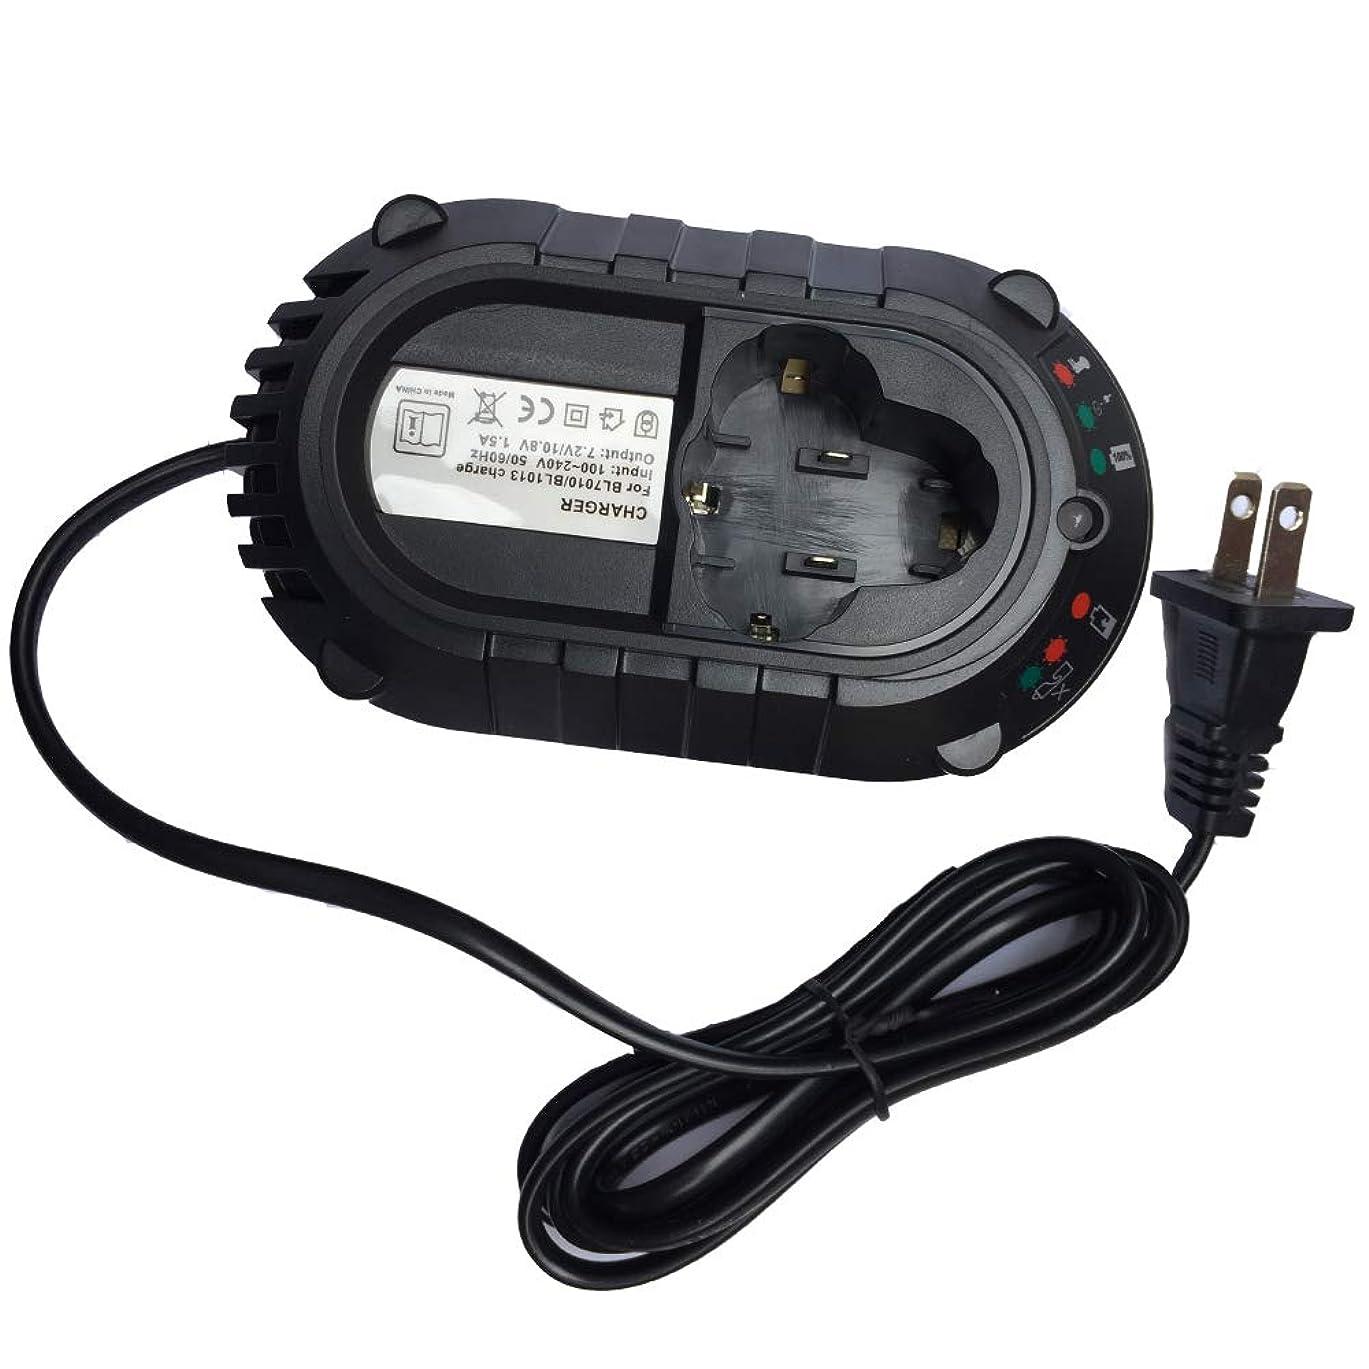 定説試みドナウ川マキタ充電器 DC10WA BL1013 BL7010充電器 for makita 7.2V-10.8V 対応 DF030D DF330D DF330DWE DF030DWE TD090D HP330DWE等対応 互換用 バッテリー用 チャージャー